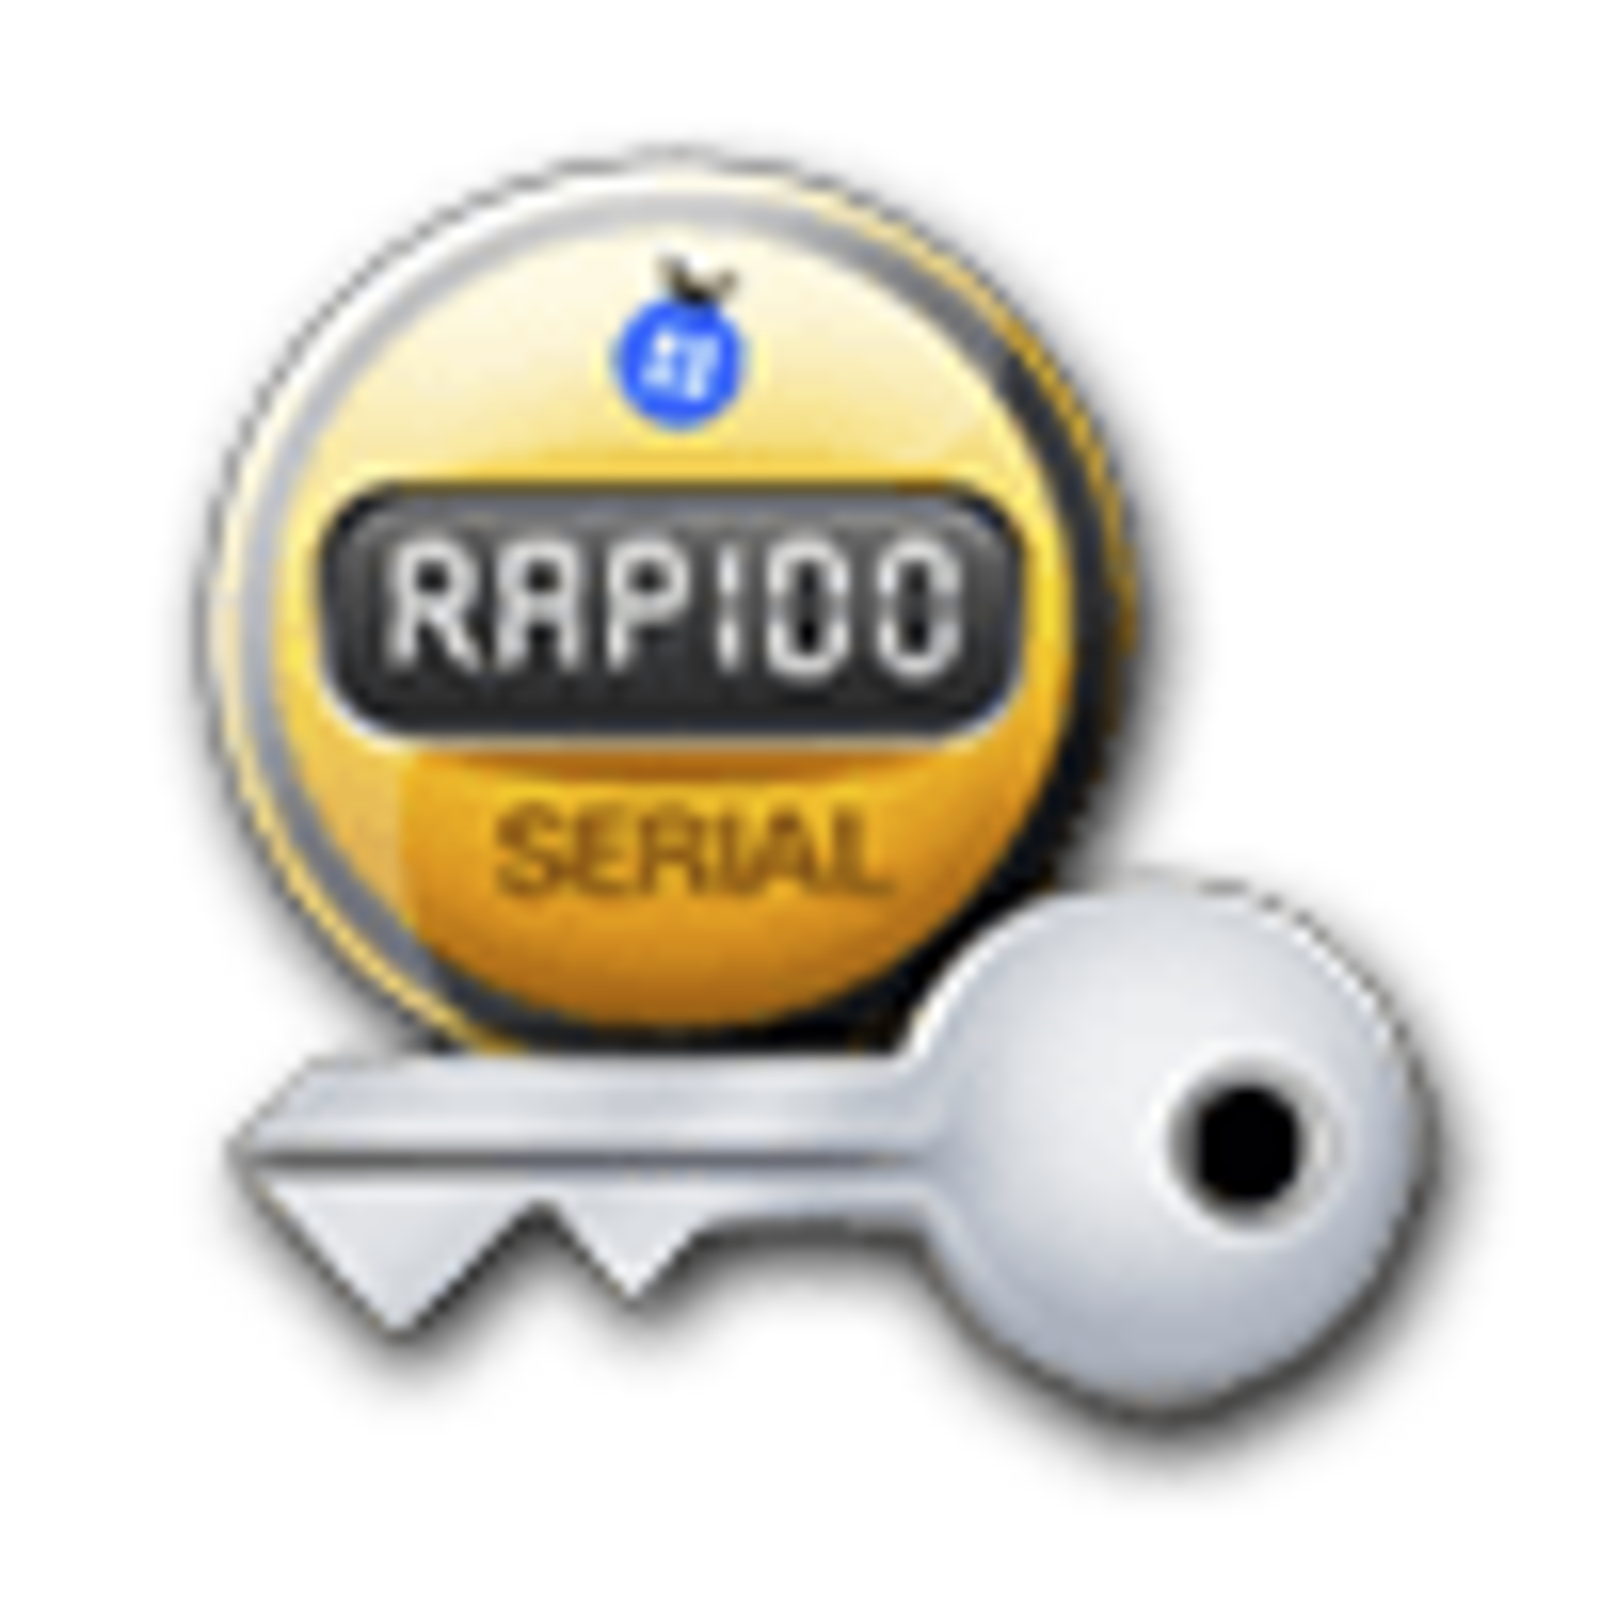 RapidoSerial